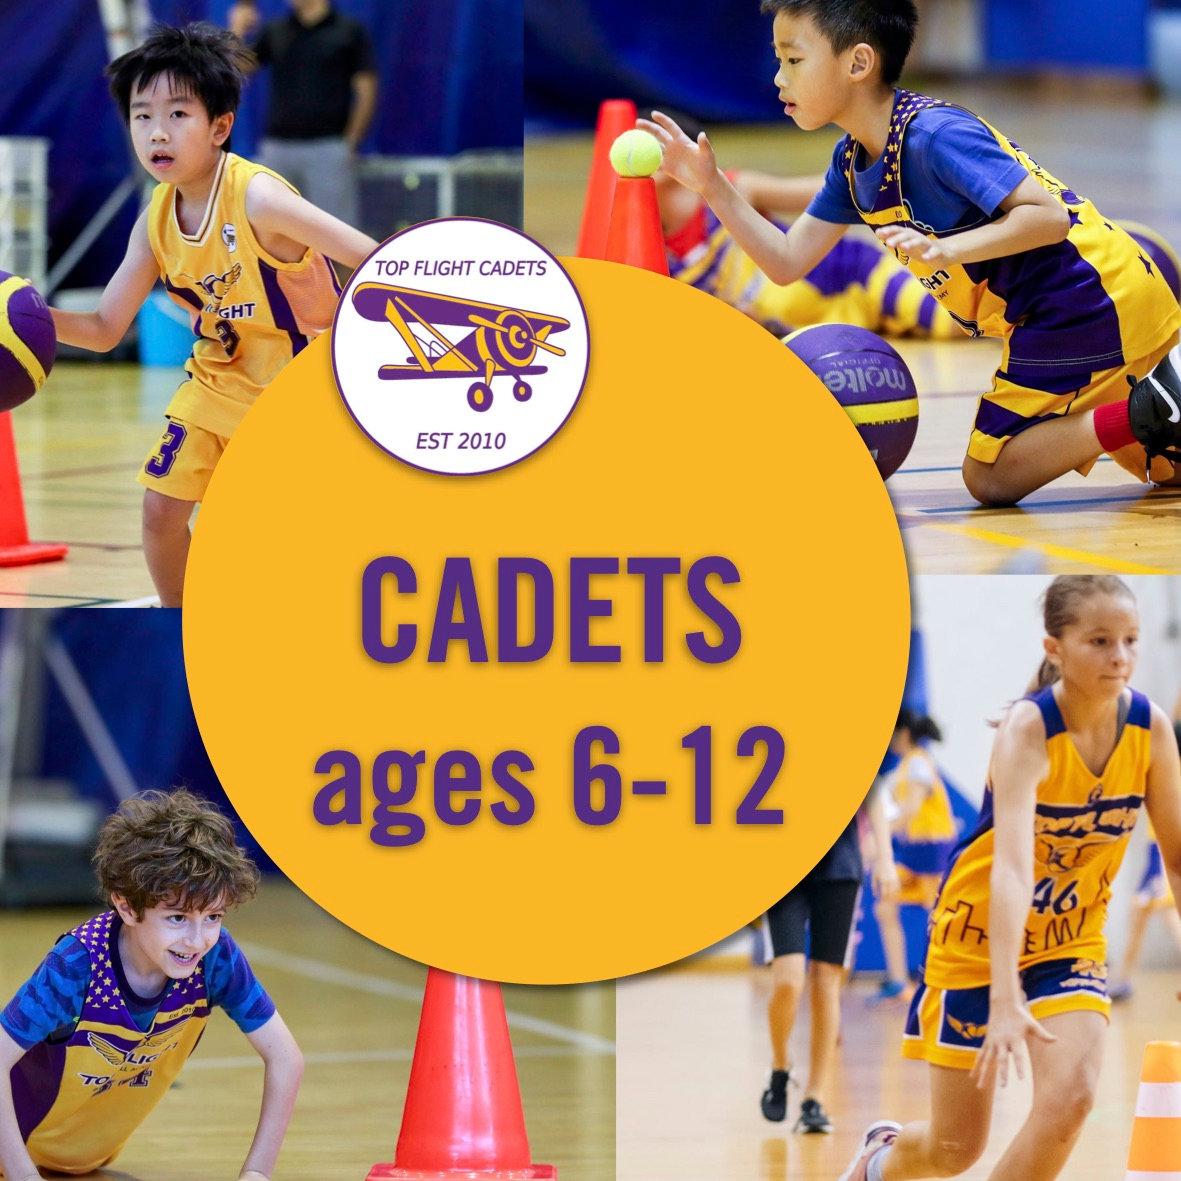 Cadets ages 6-12 / 10:30-12:00 / SISB PU